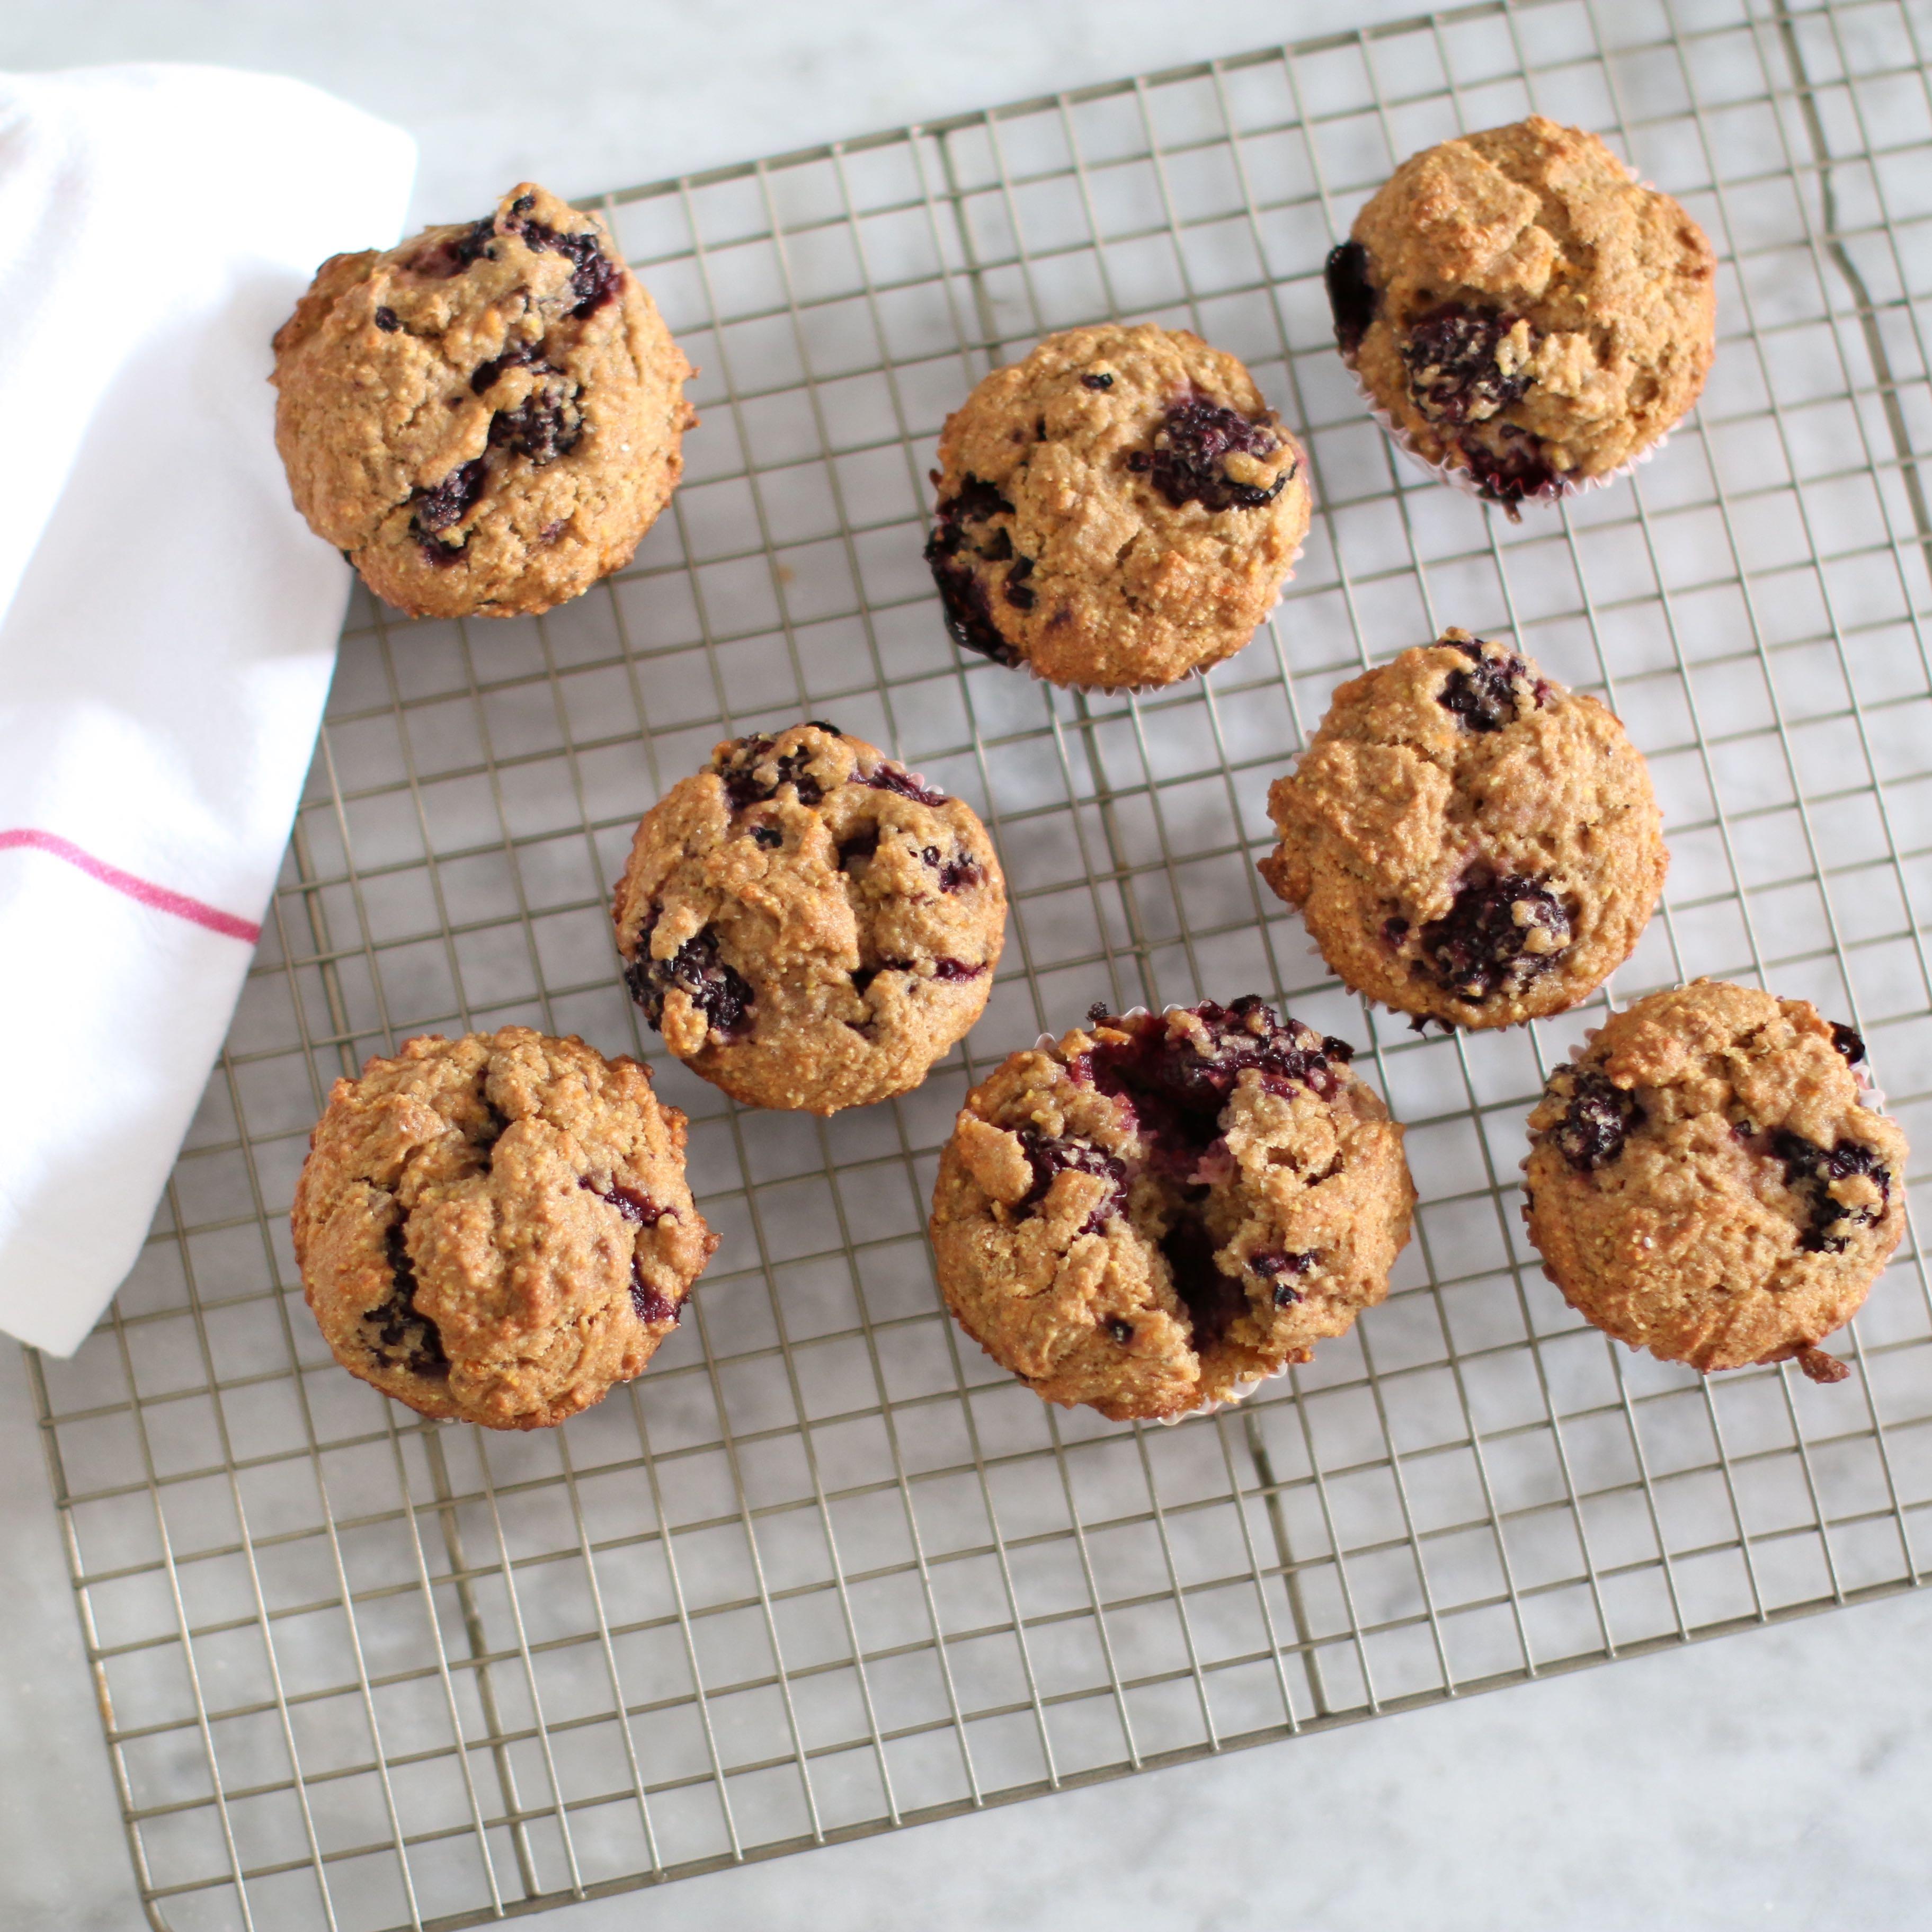 blackberry morning muffins | Greensgirl Nutrition